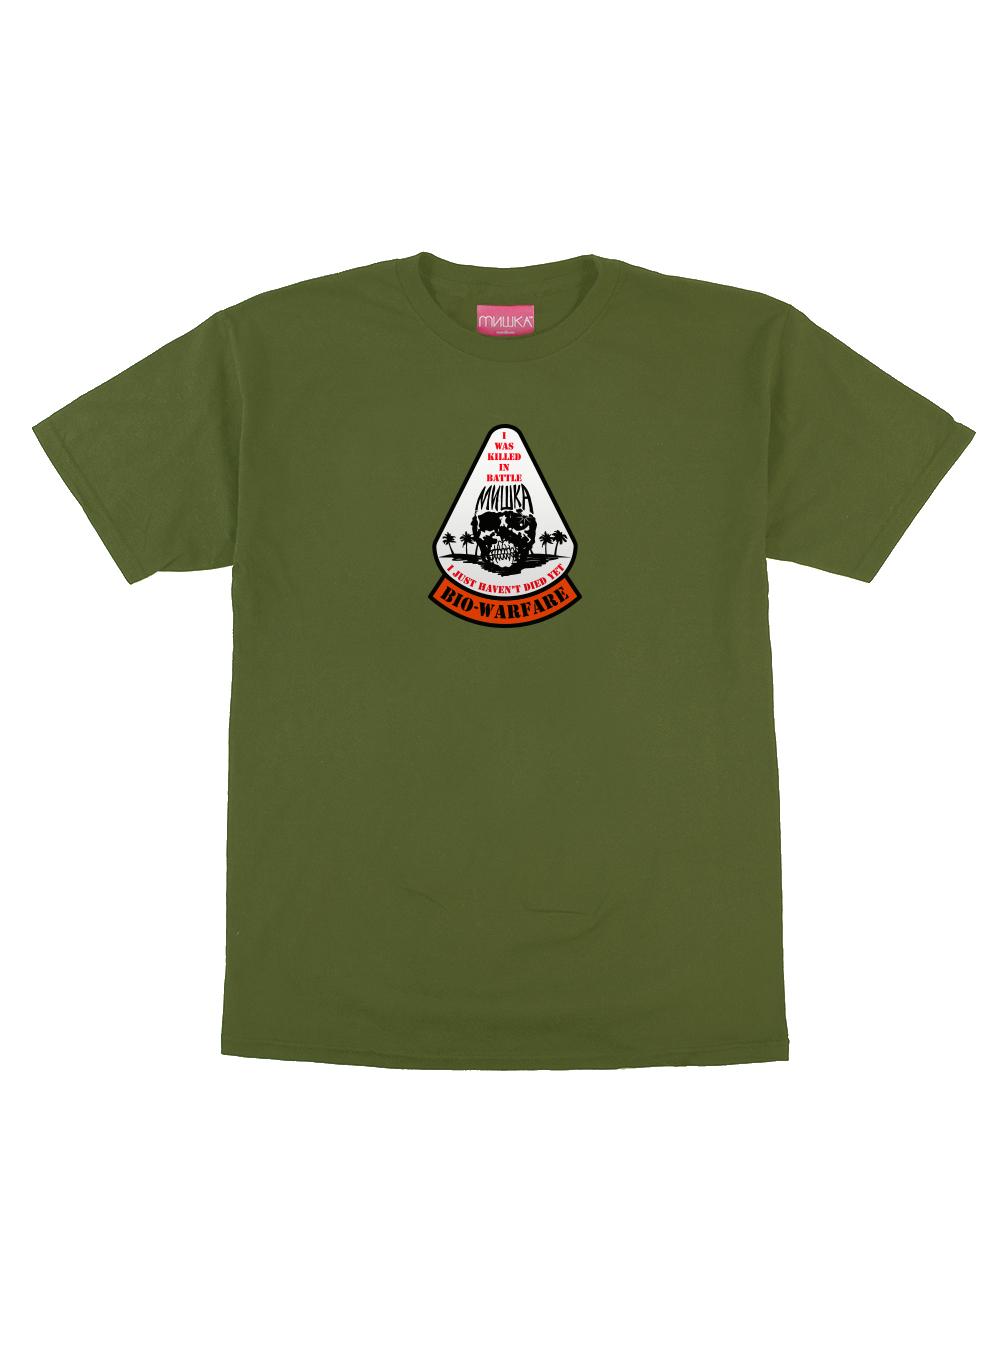 Bio-Warfare T-Shirt